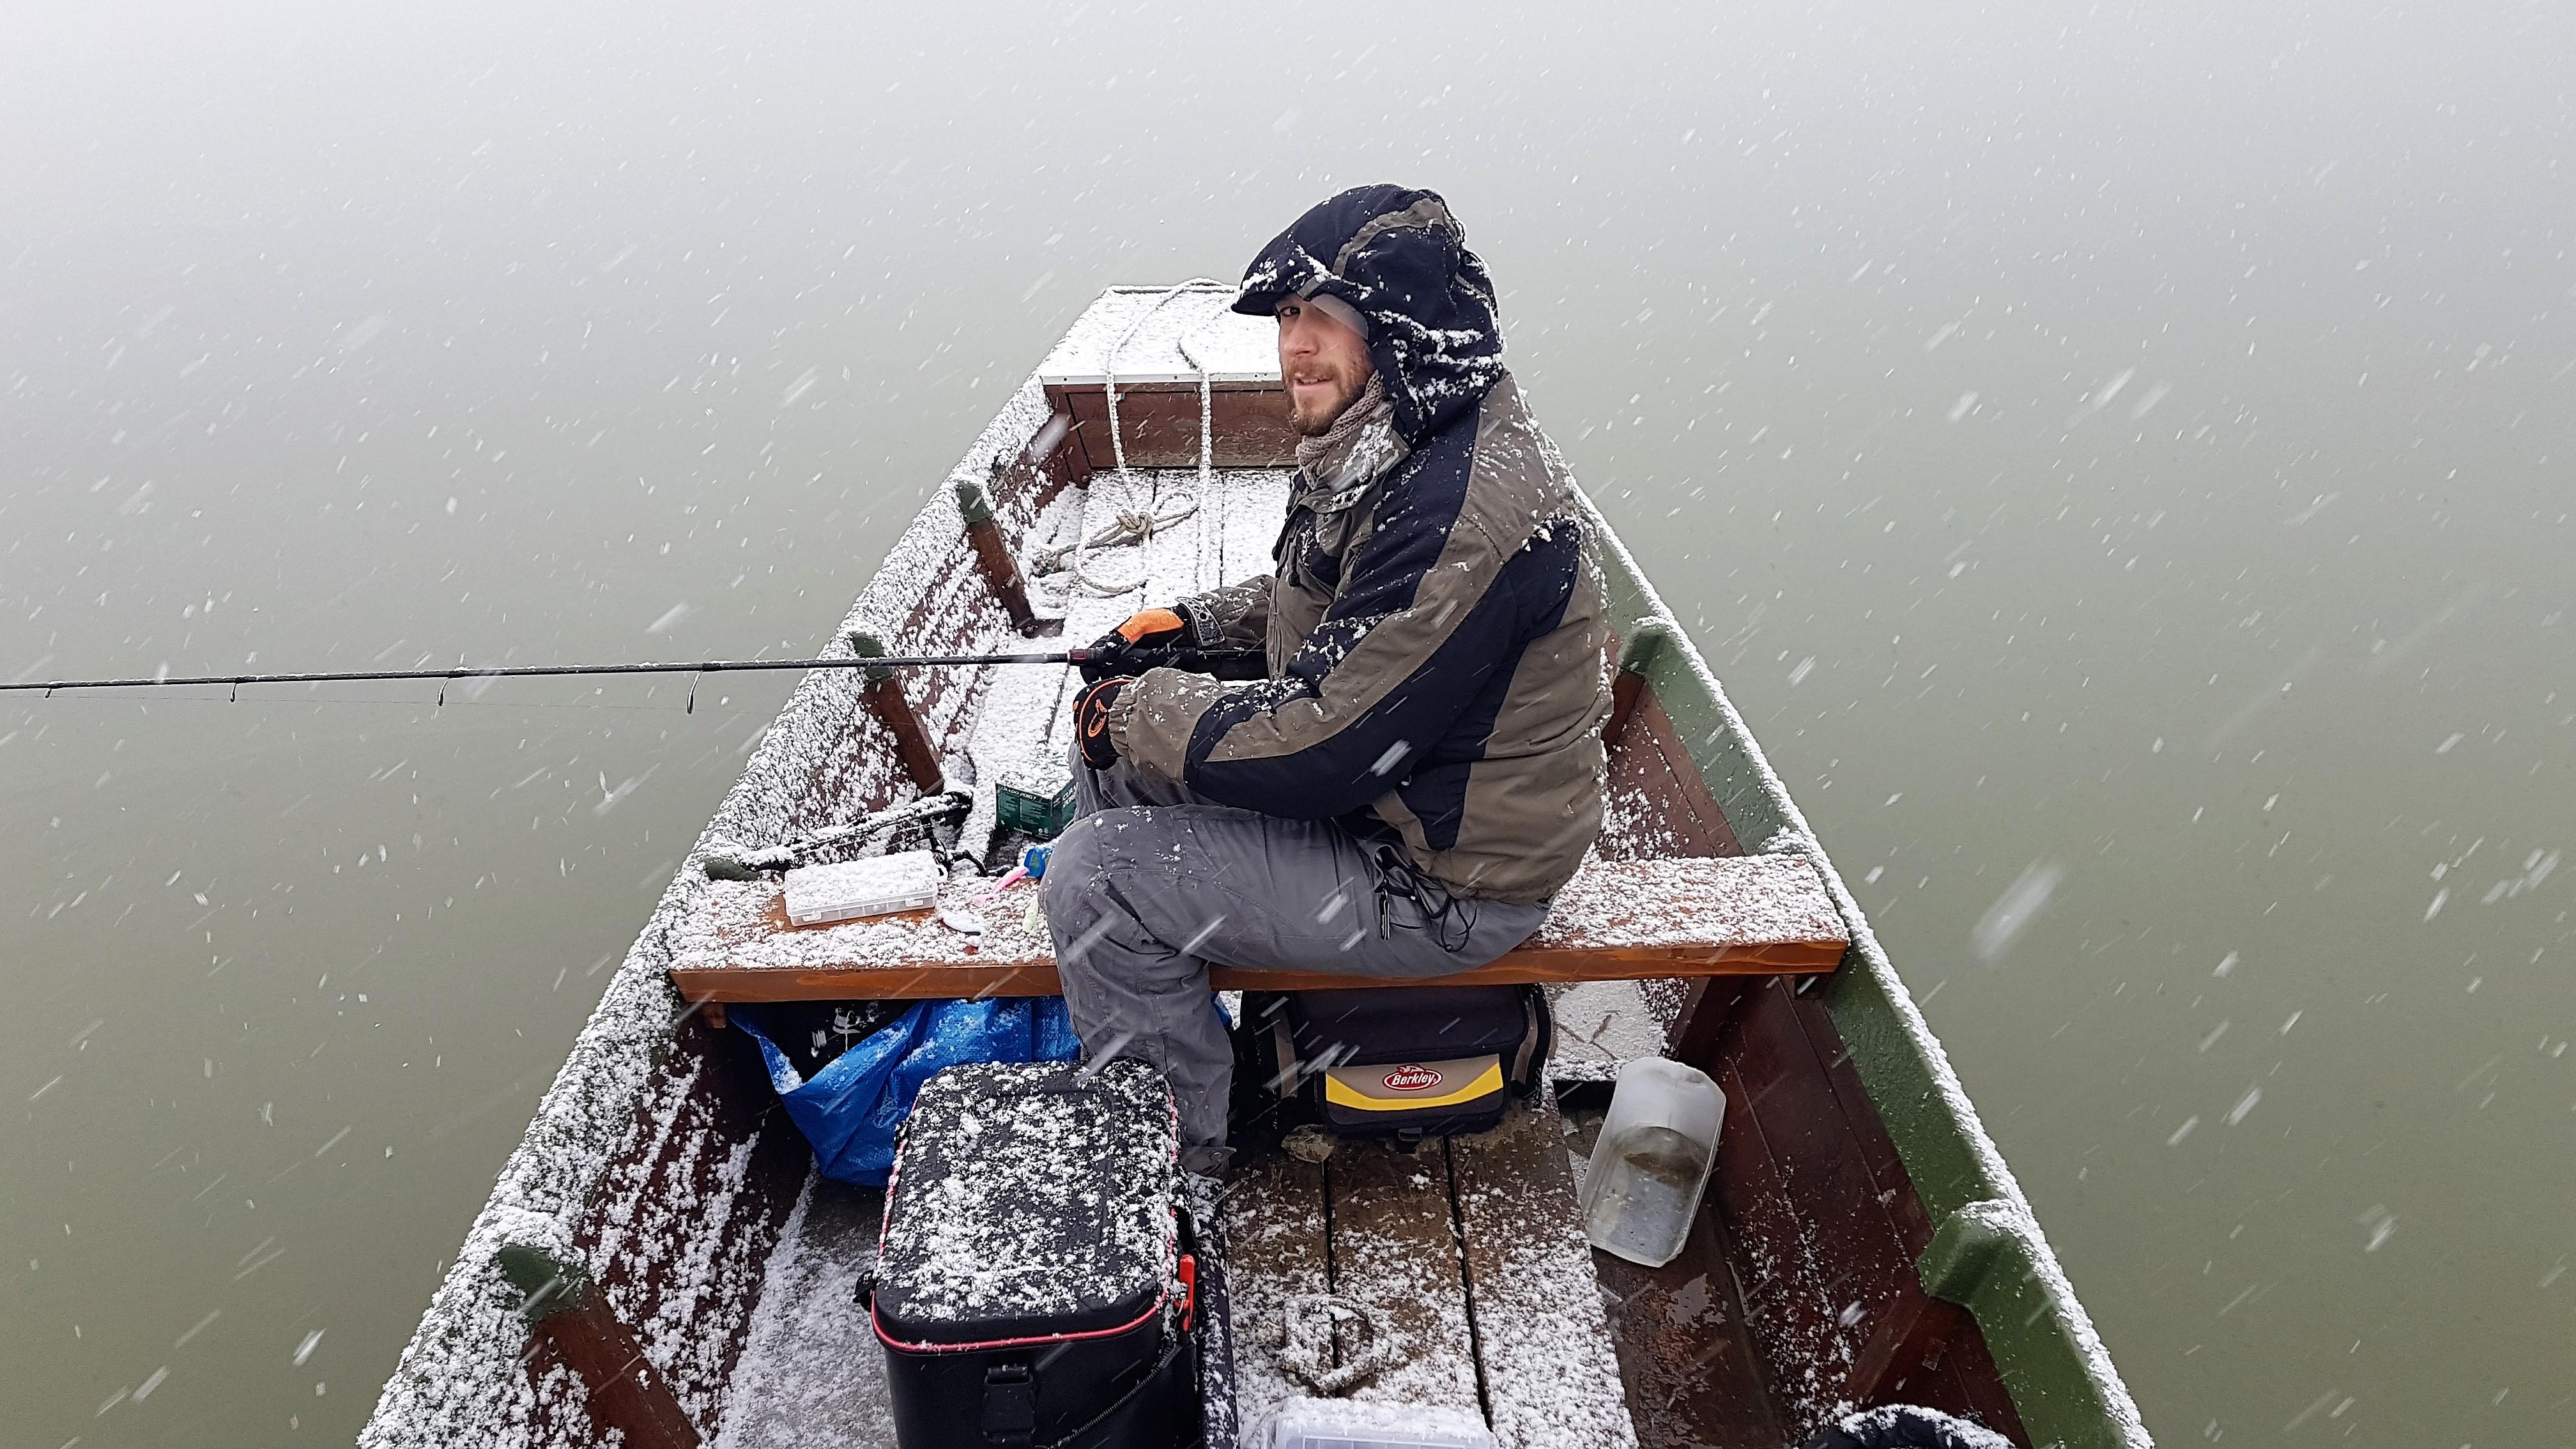 Ez a fotó mindent elmond a téli süllőzés szépségeiről. Kivéve Marcell  fizimiskáját  ) 0f576e8c7c